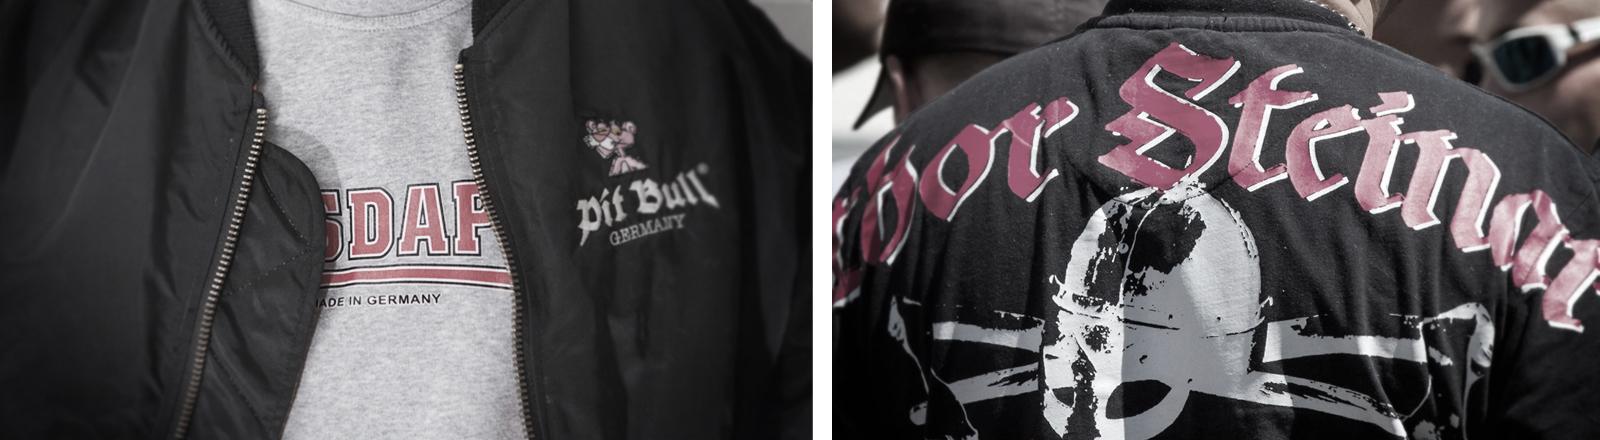 Nahaufnahmen rechtsextremer Mode der Marken Consdaple und Thor Steinar